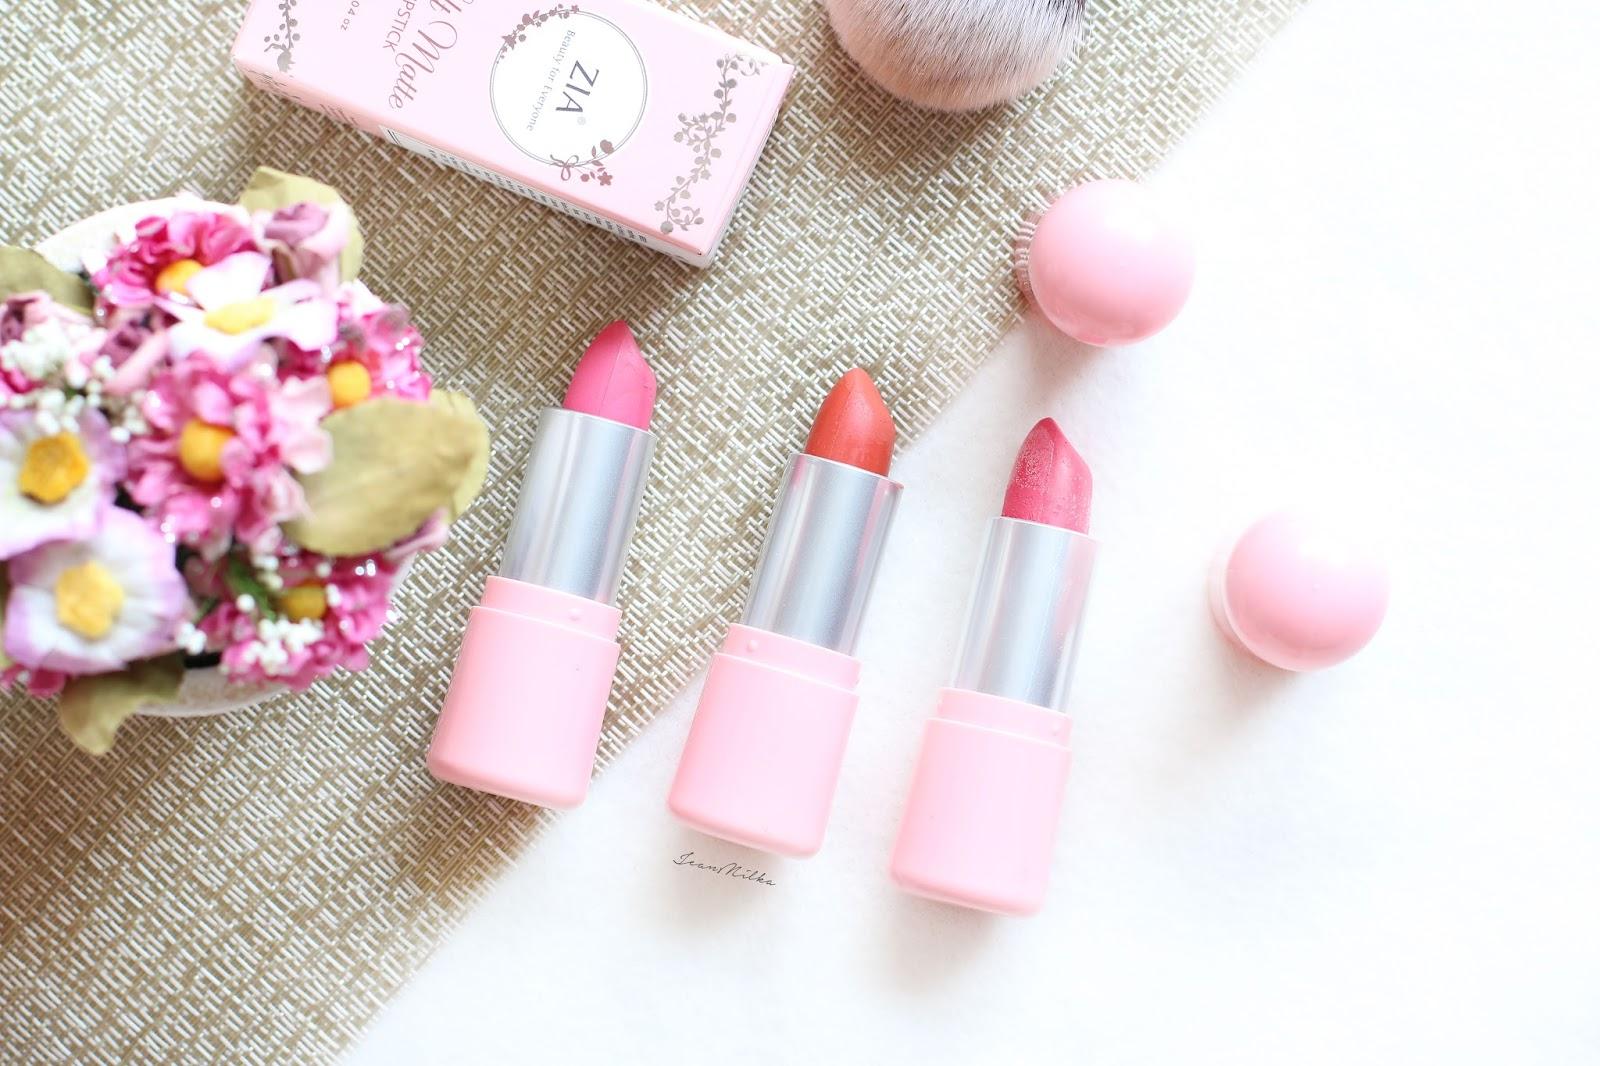 zia, zia skincare, makeup, beauty, produk indonesia, makeup indonesia, produk lokal, review, lipstick, lipstick lokal, lipstick murah